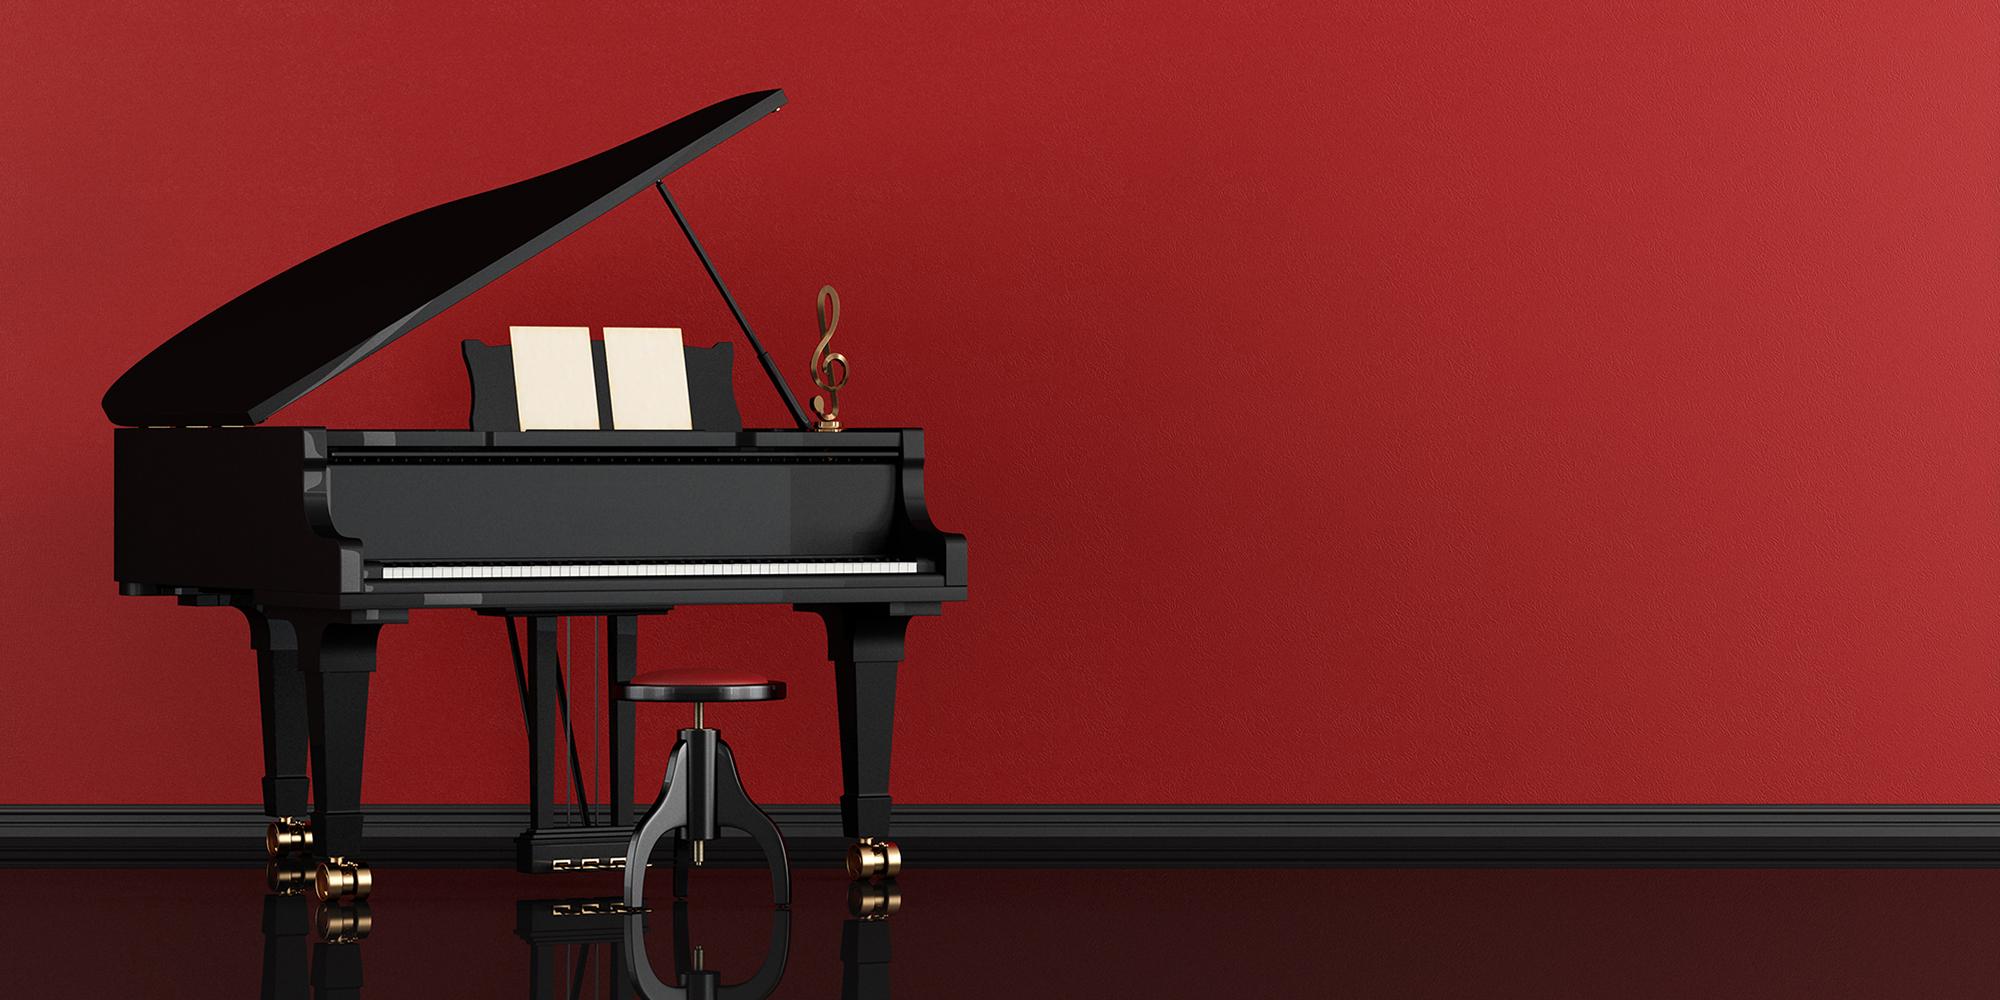 Piano Tuning Nashville BG